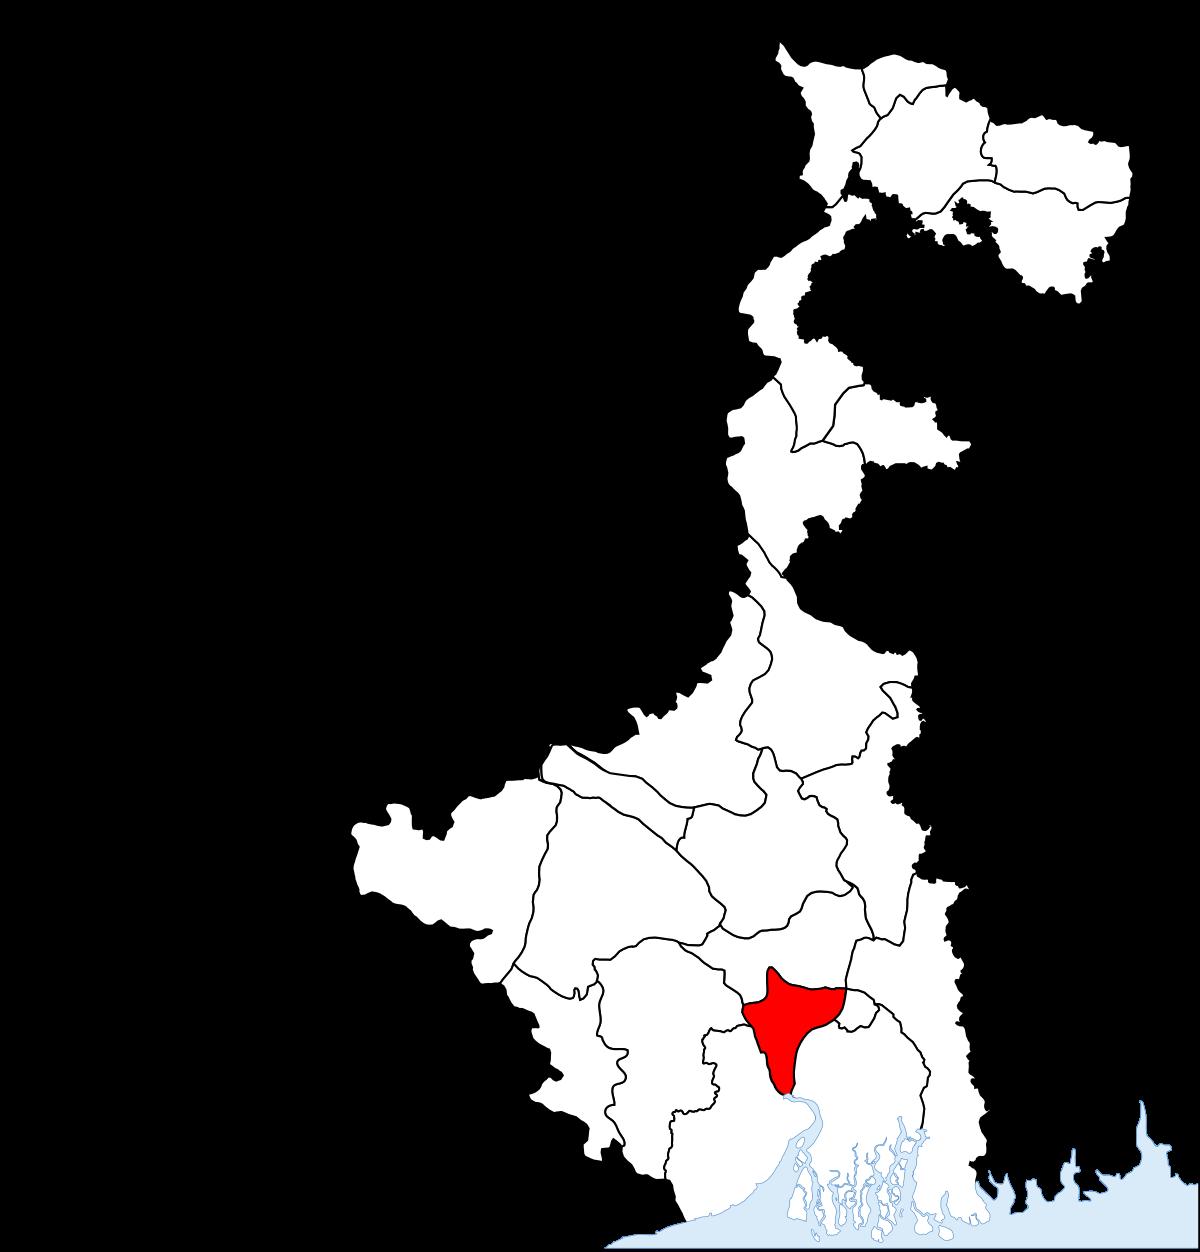 হাওড়া জেলা